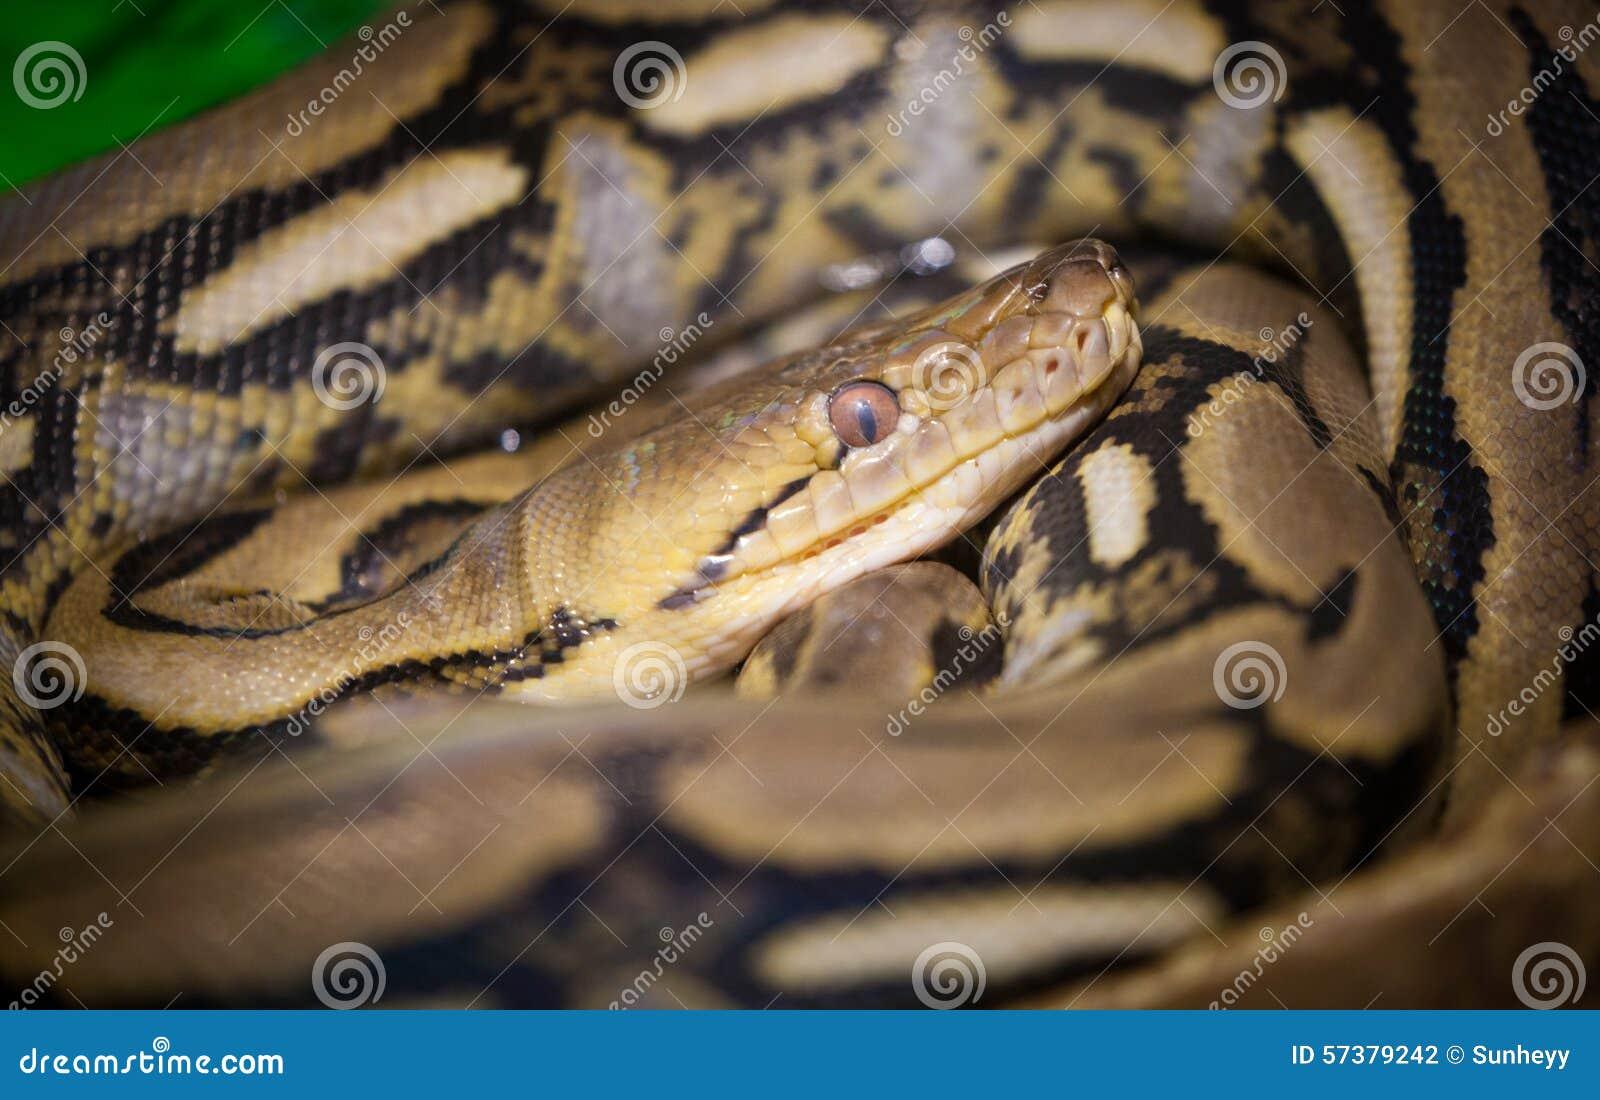 Python met een netvormig patroon